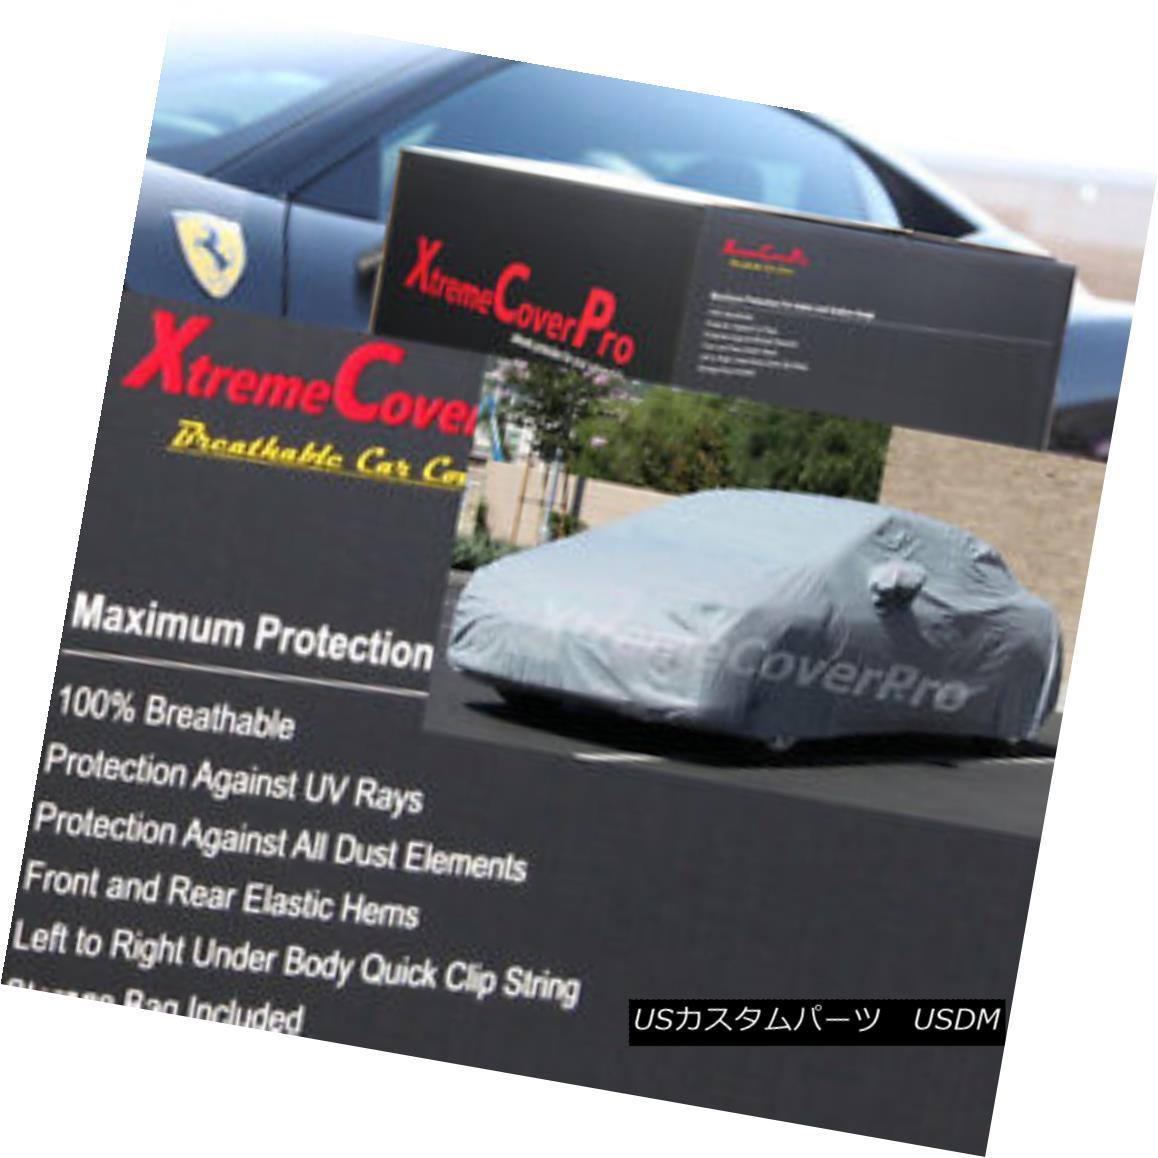 カーカバー 2015 Mercedes-Benz E250 E400 SEDAN Breathable Car Cover w/Mirror Pockets - Gray 2015年メルセデスベンツE250 E400セダン通気性車カバー(ミラーポケット付) - グレー